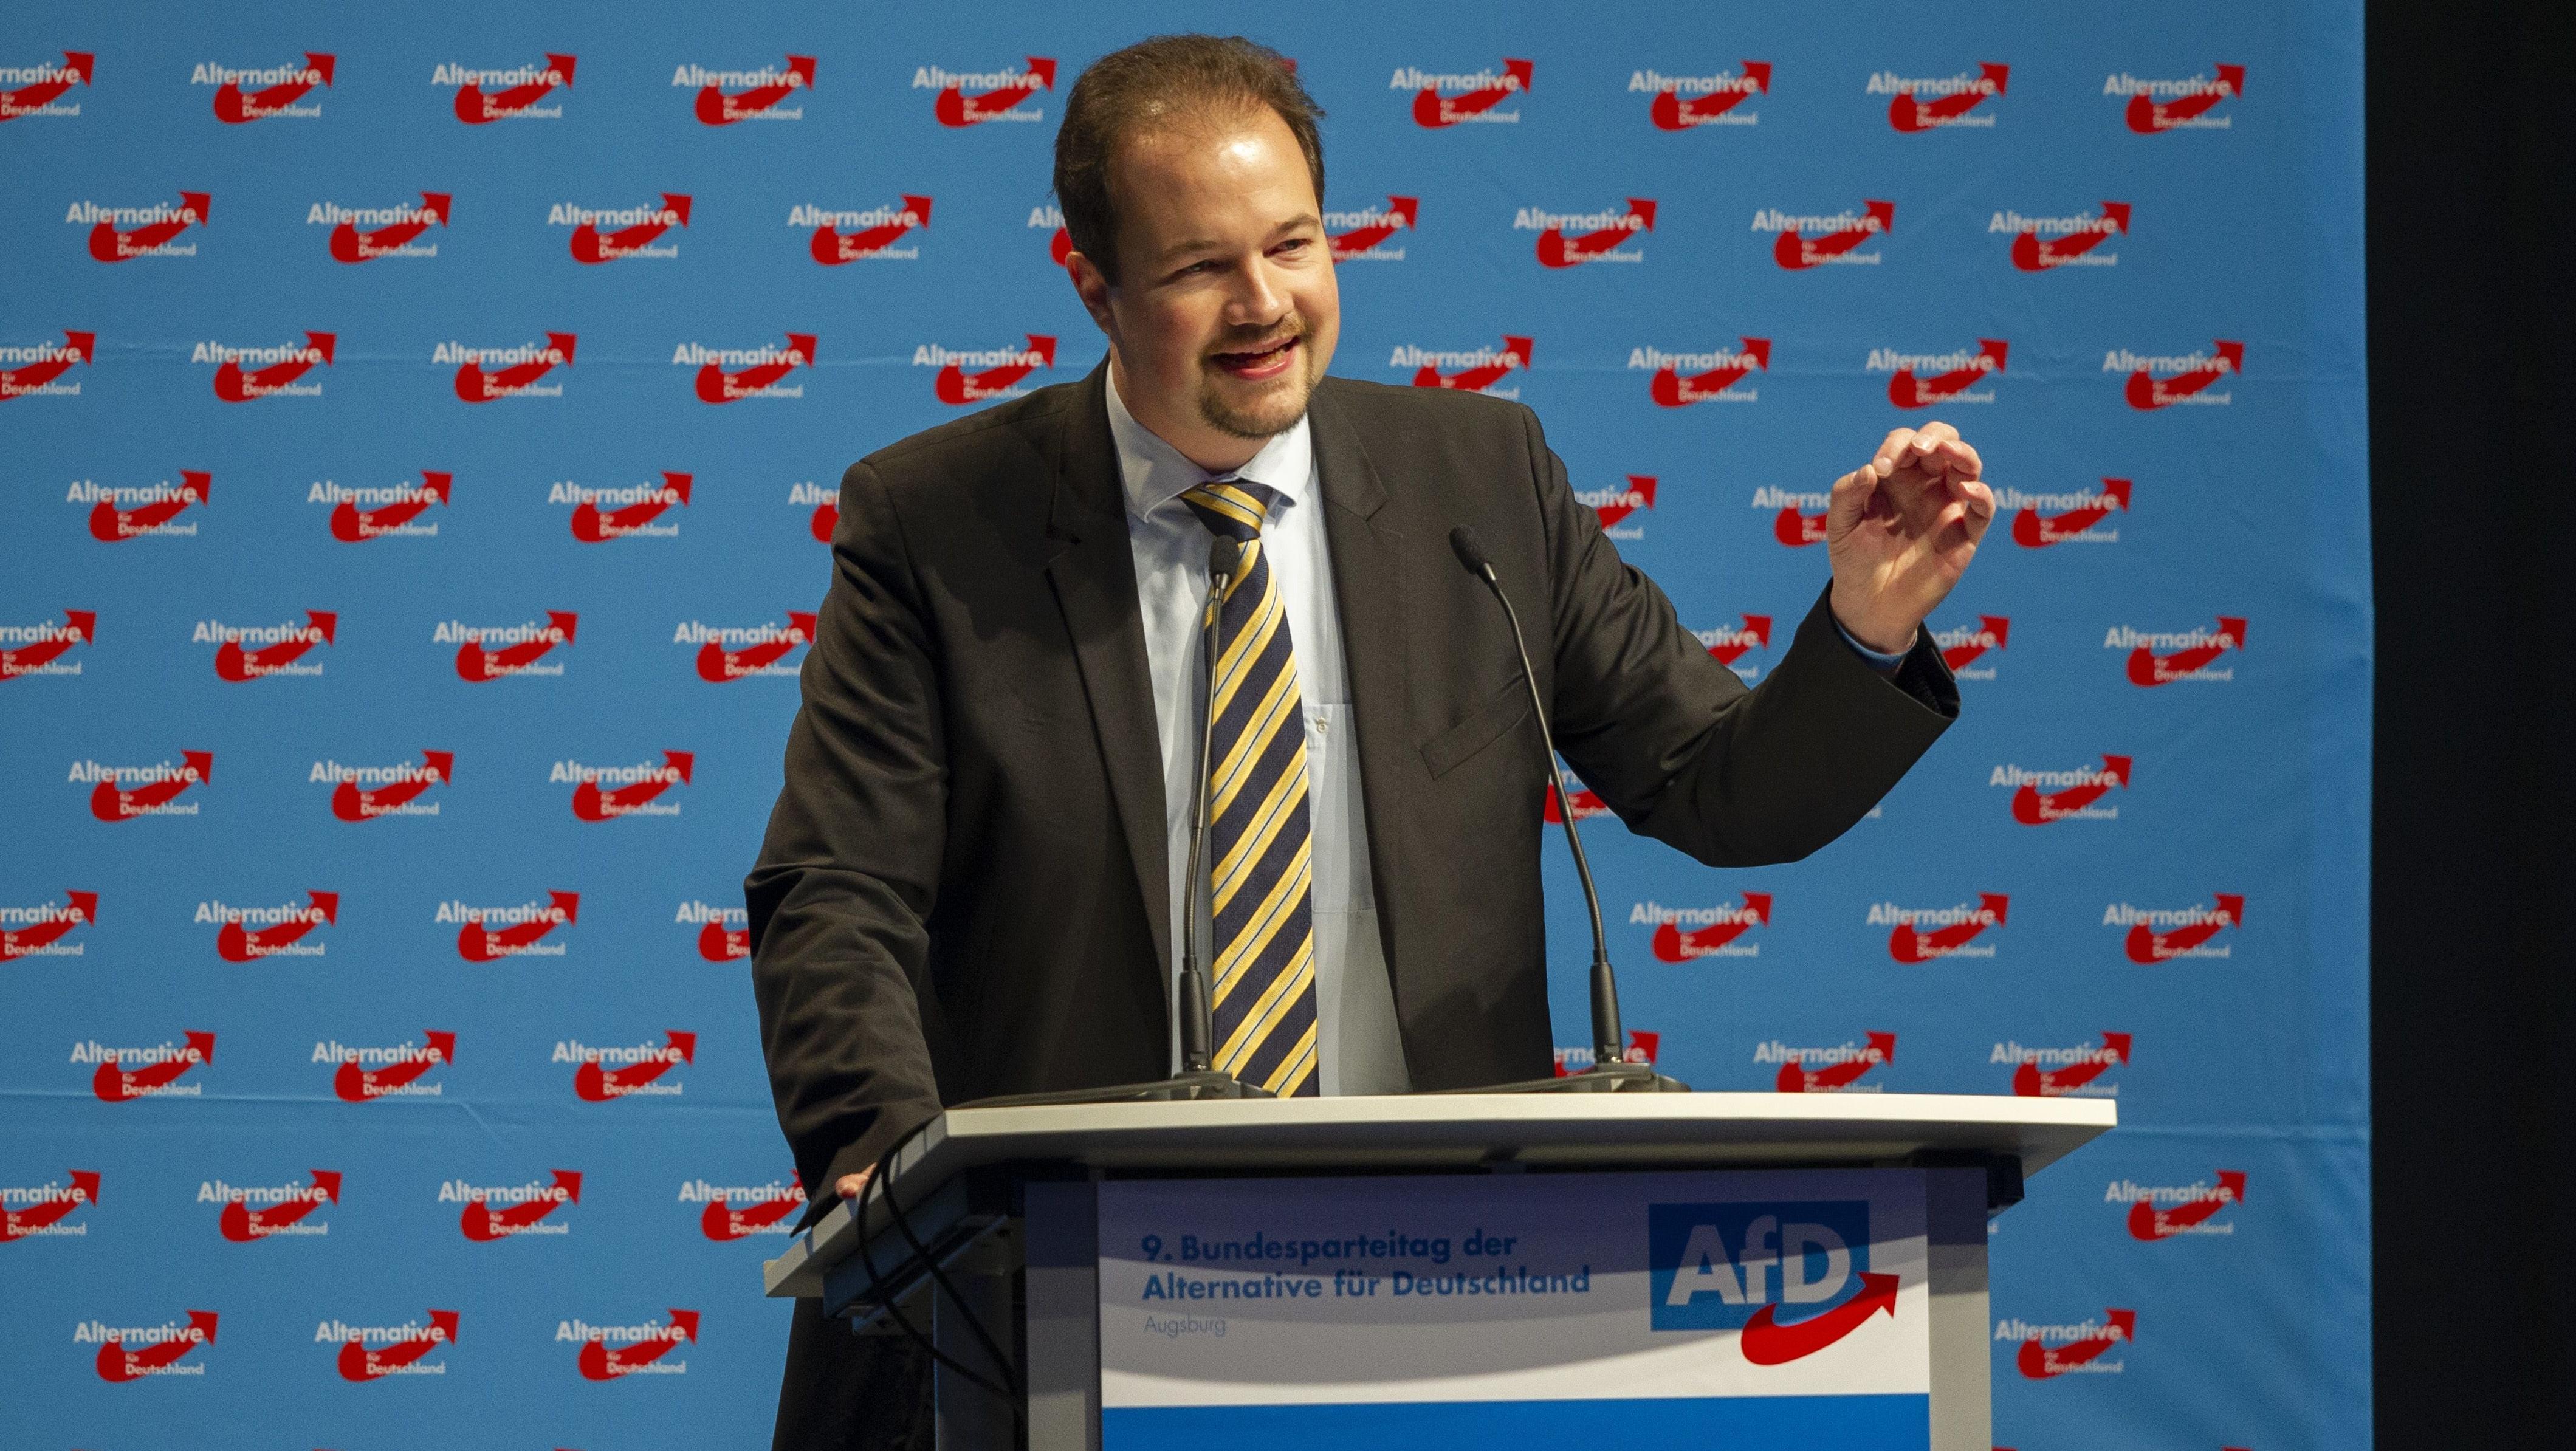 Martin Sichert auf dem AfD-Bundesparteitag 2018 in Augsburg.